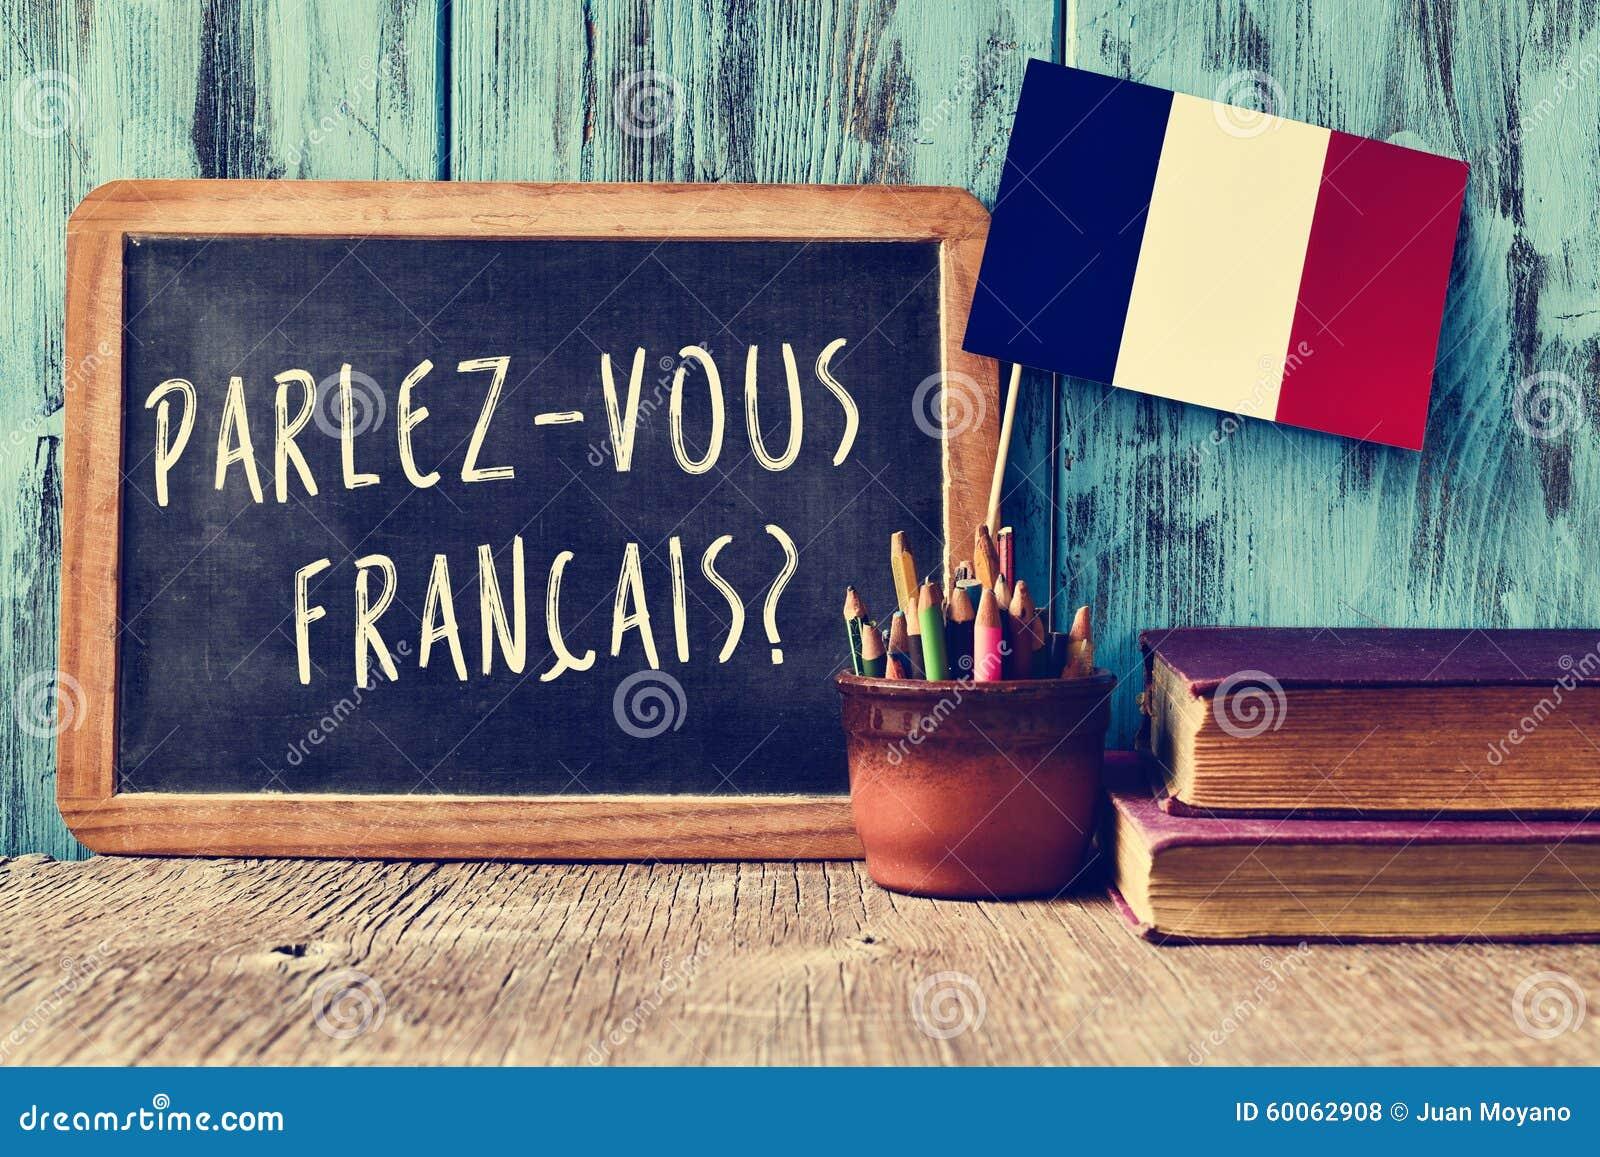 Vraag parlez-vous francais? spreekt u het Frans?